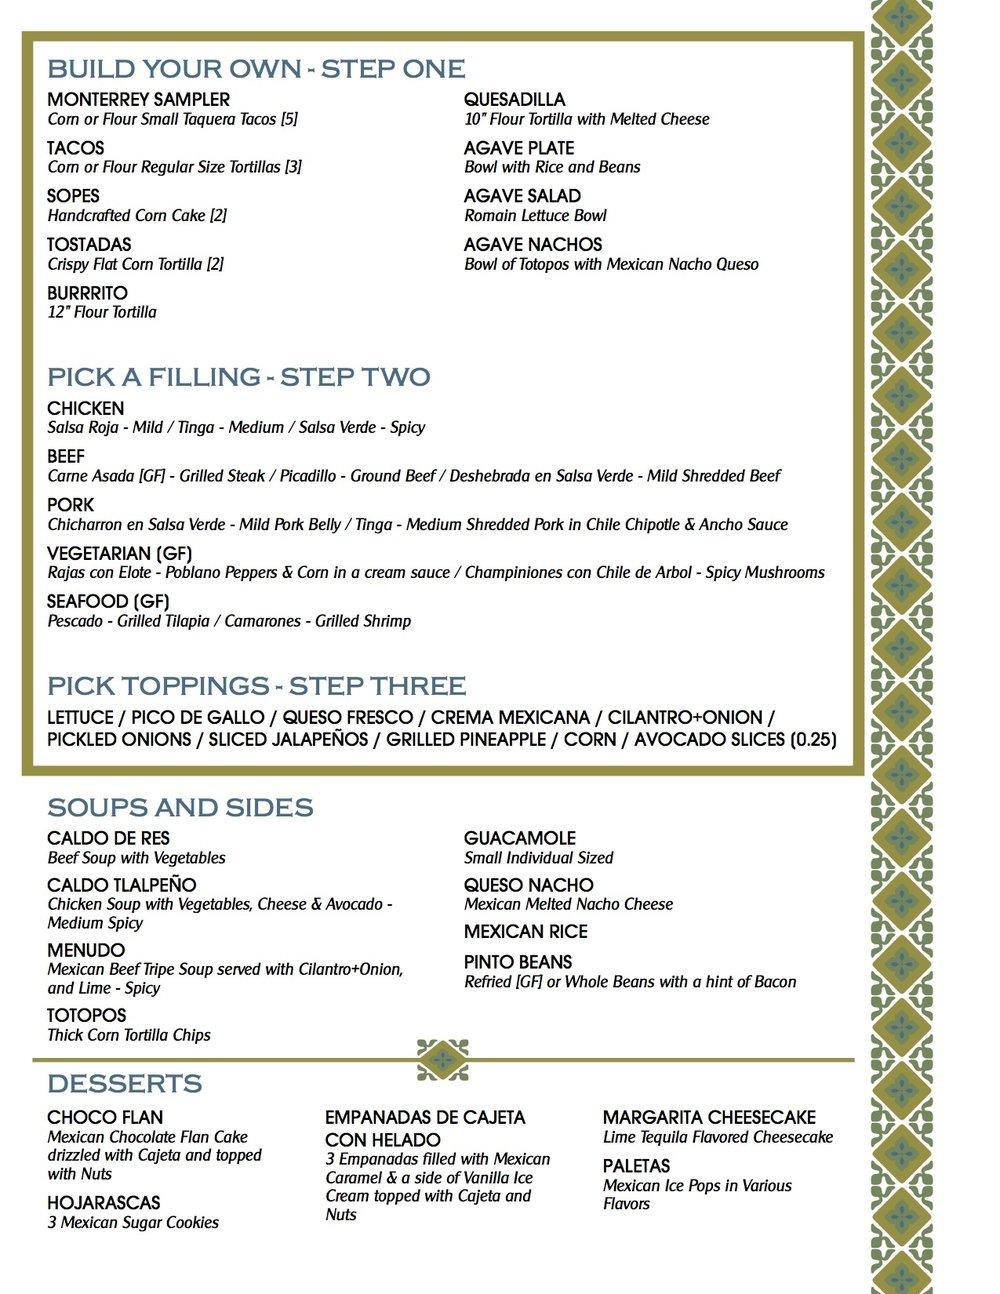 AgaveDoralMenu copy page2.jpg